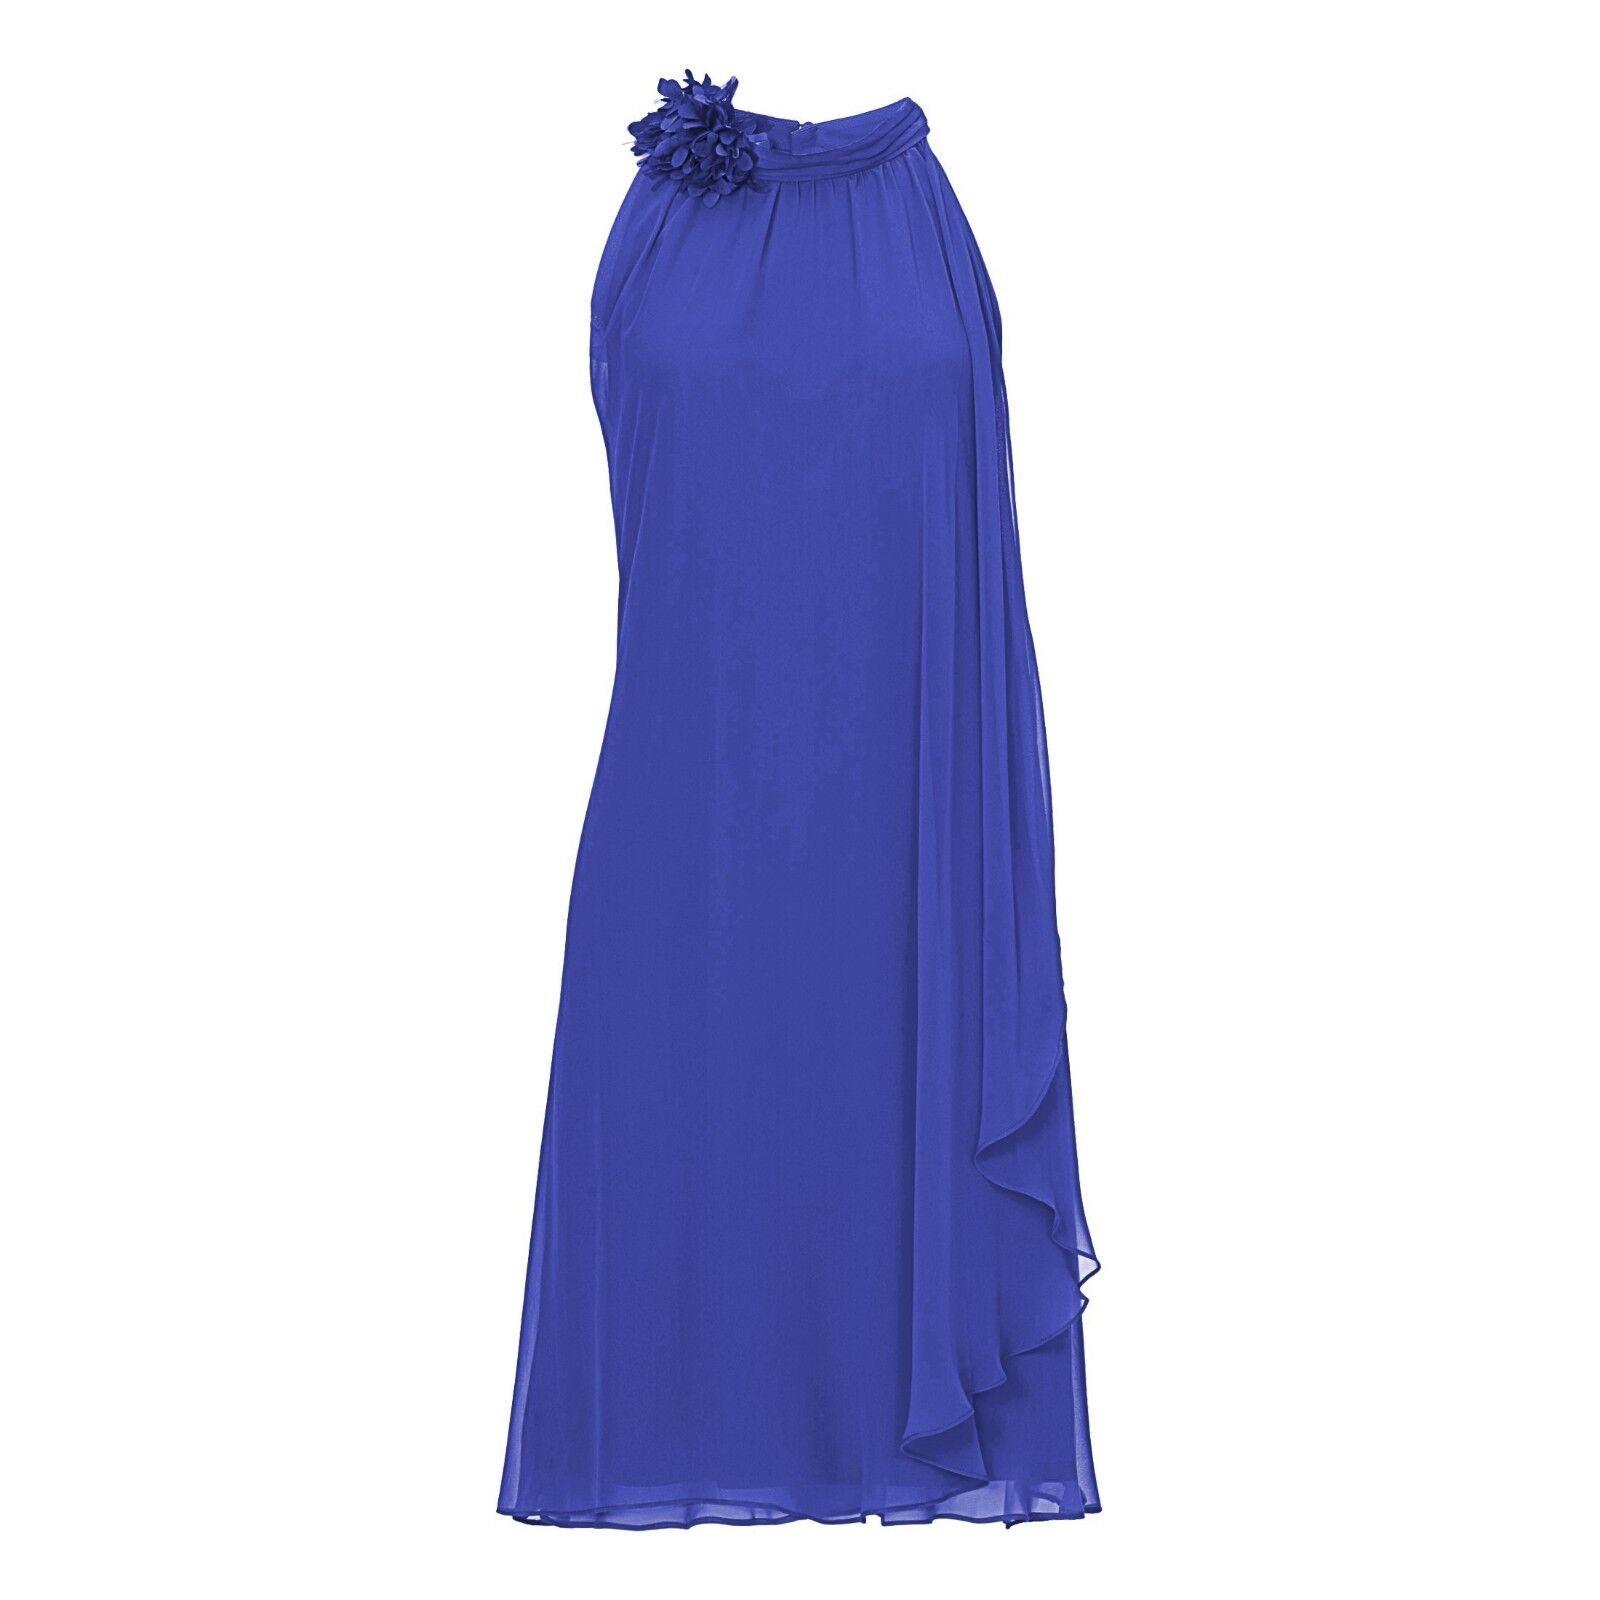 Vera Mont Abendkleid kurz ROYALBLAU 22153985 Cocktailkleid Hochzeit Festkleid